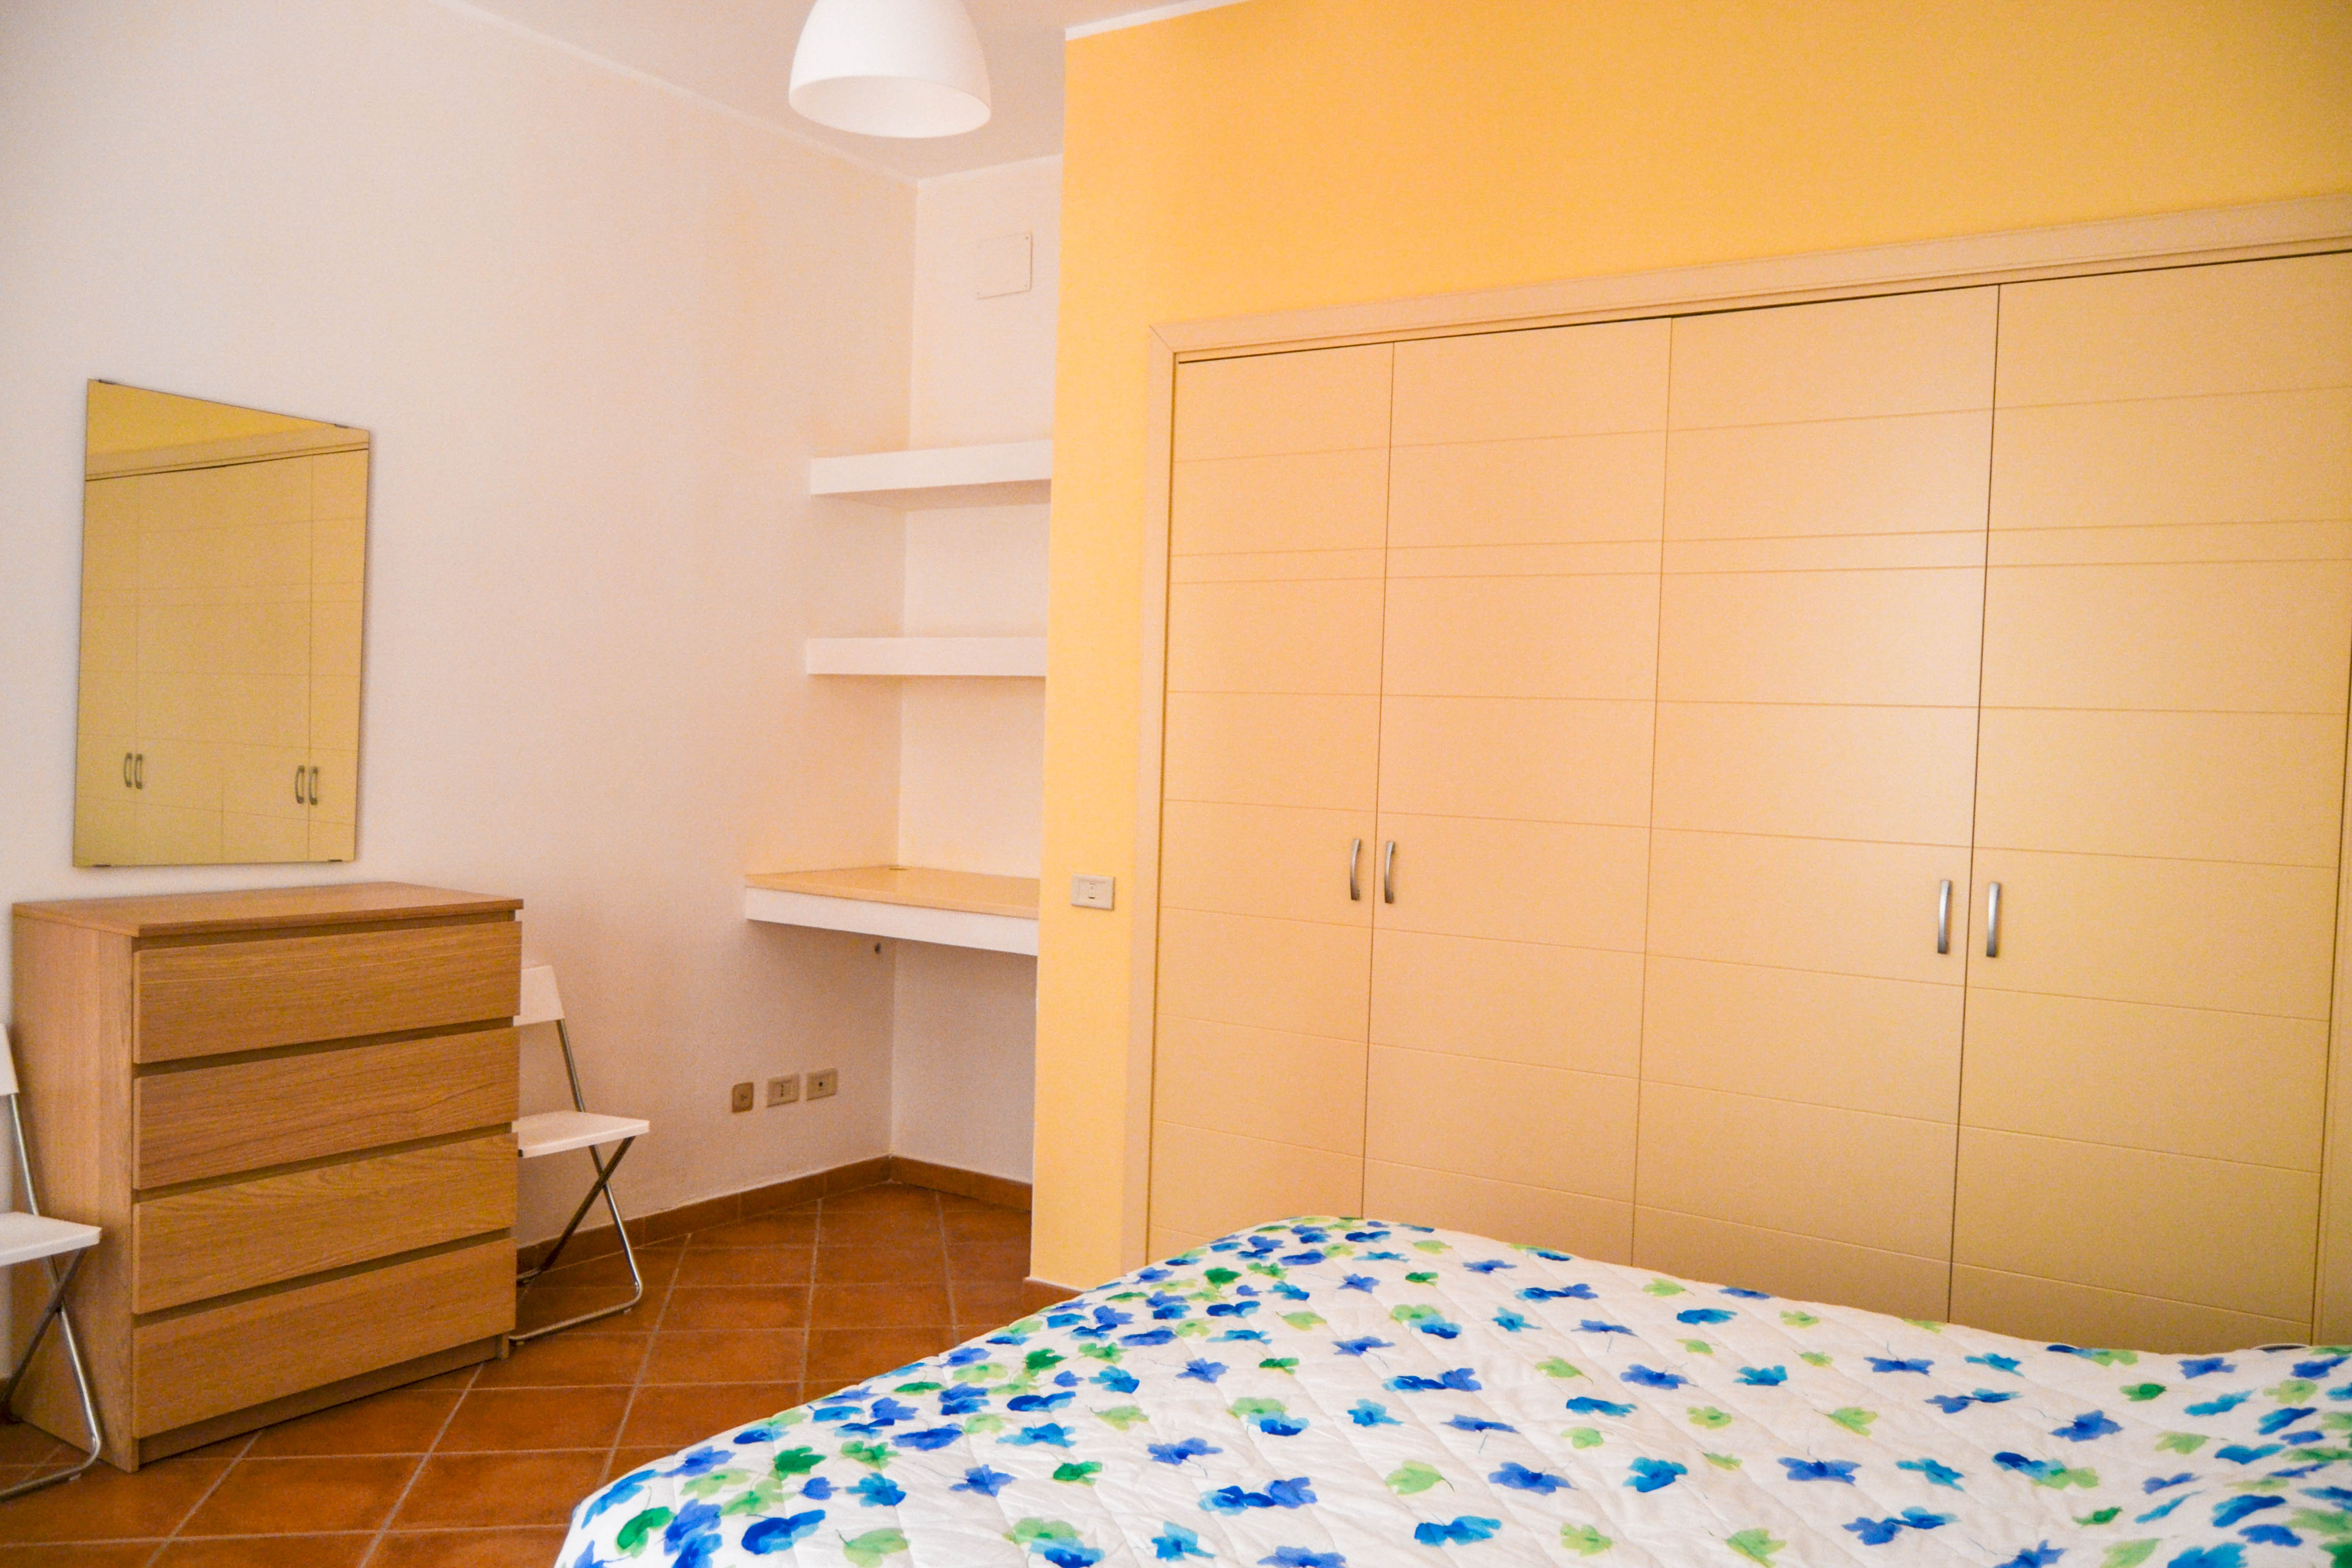 Armadio Casa Al Mare casa - casamaretna due camere da letto aplissimo soggiorno 6